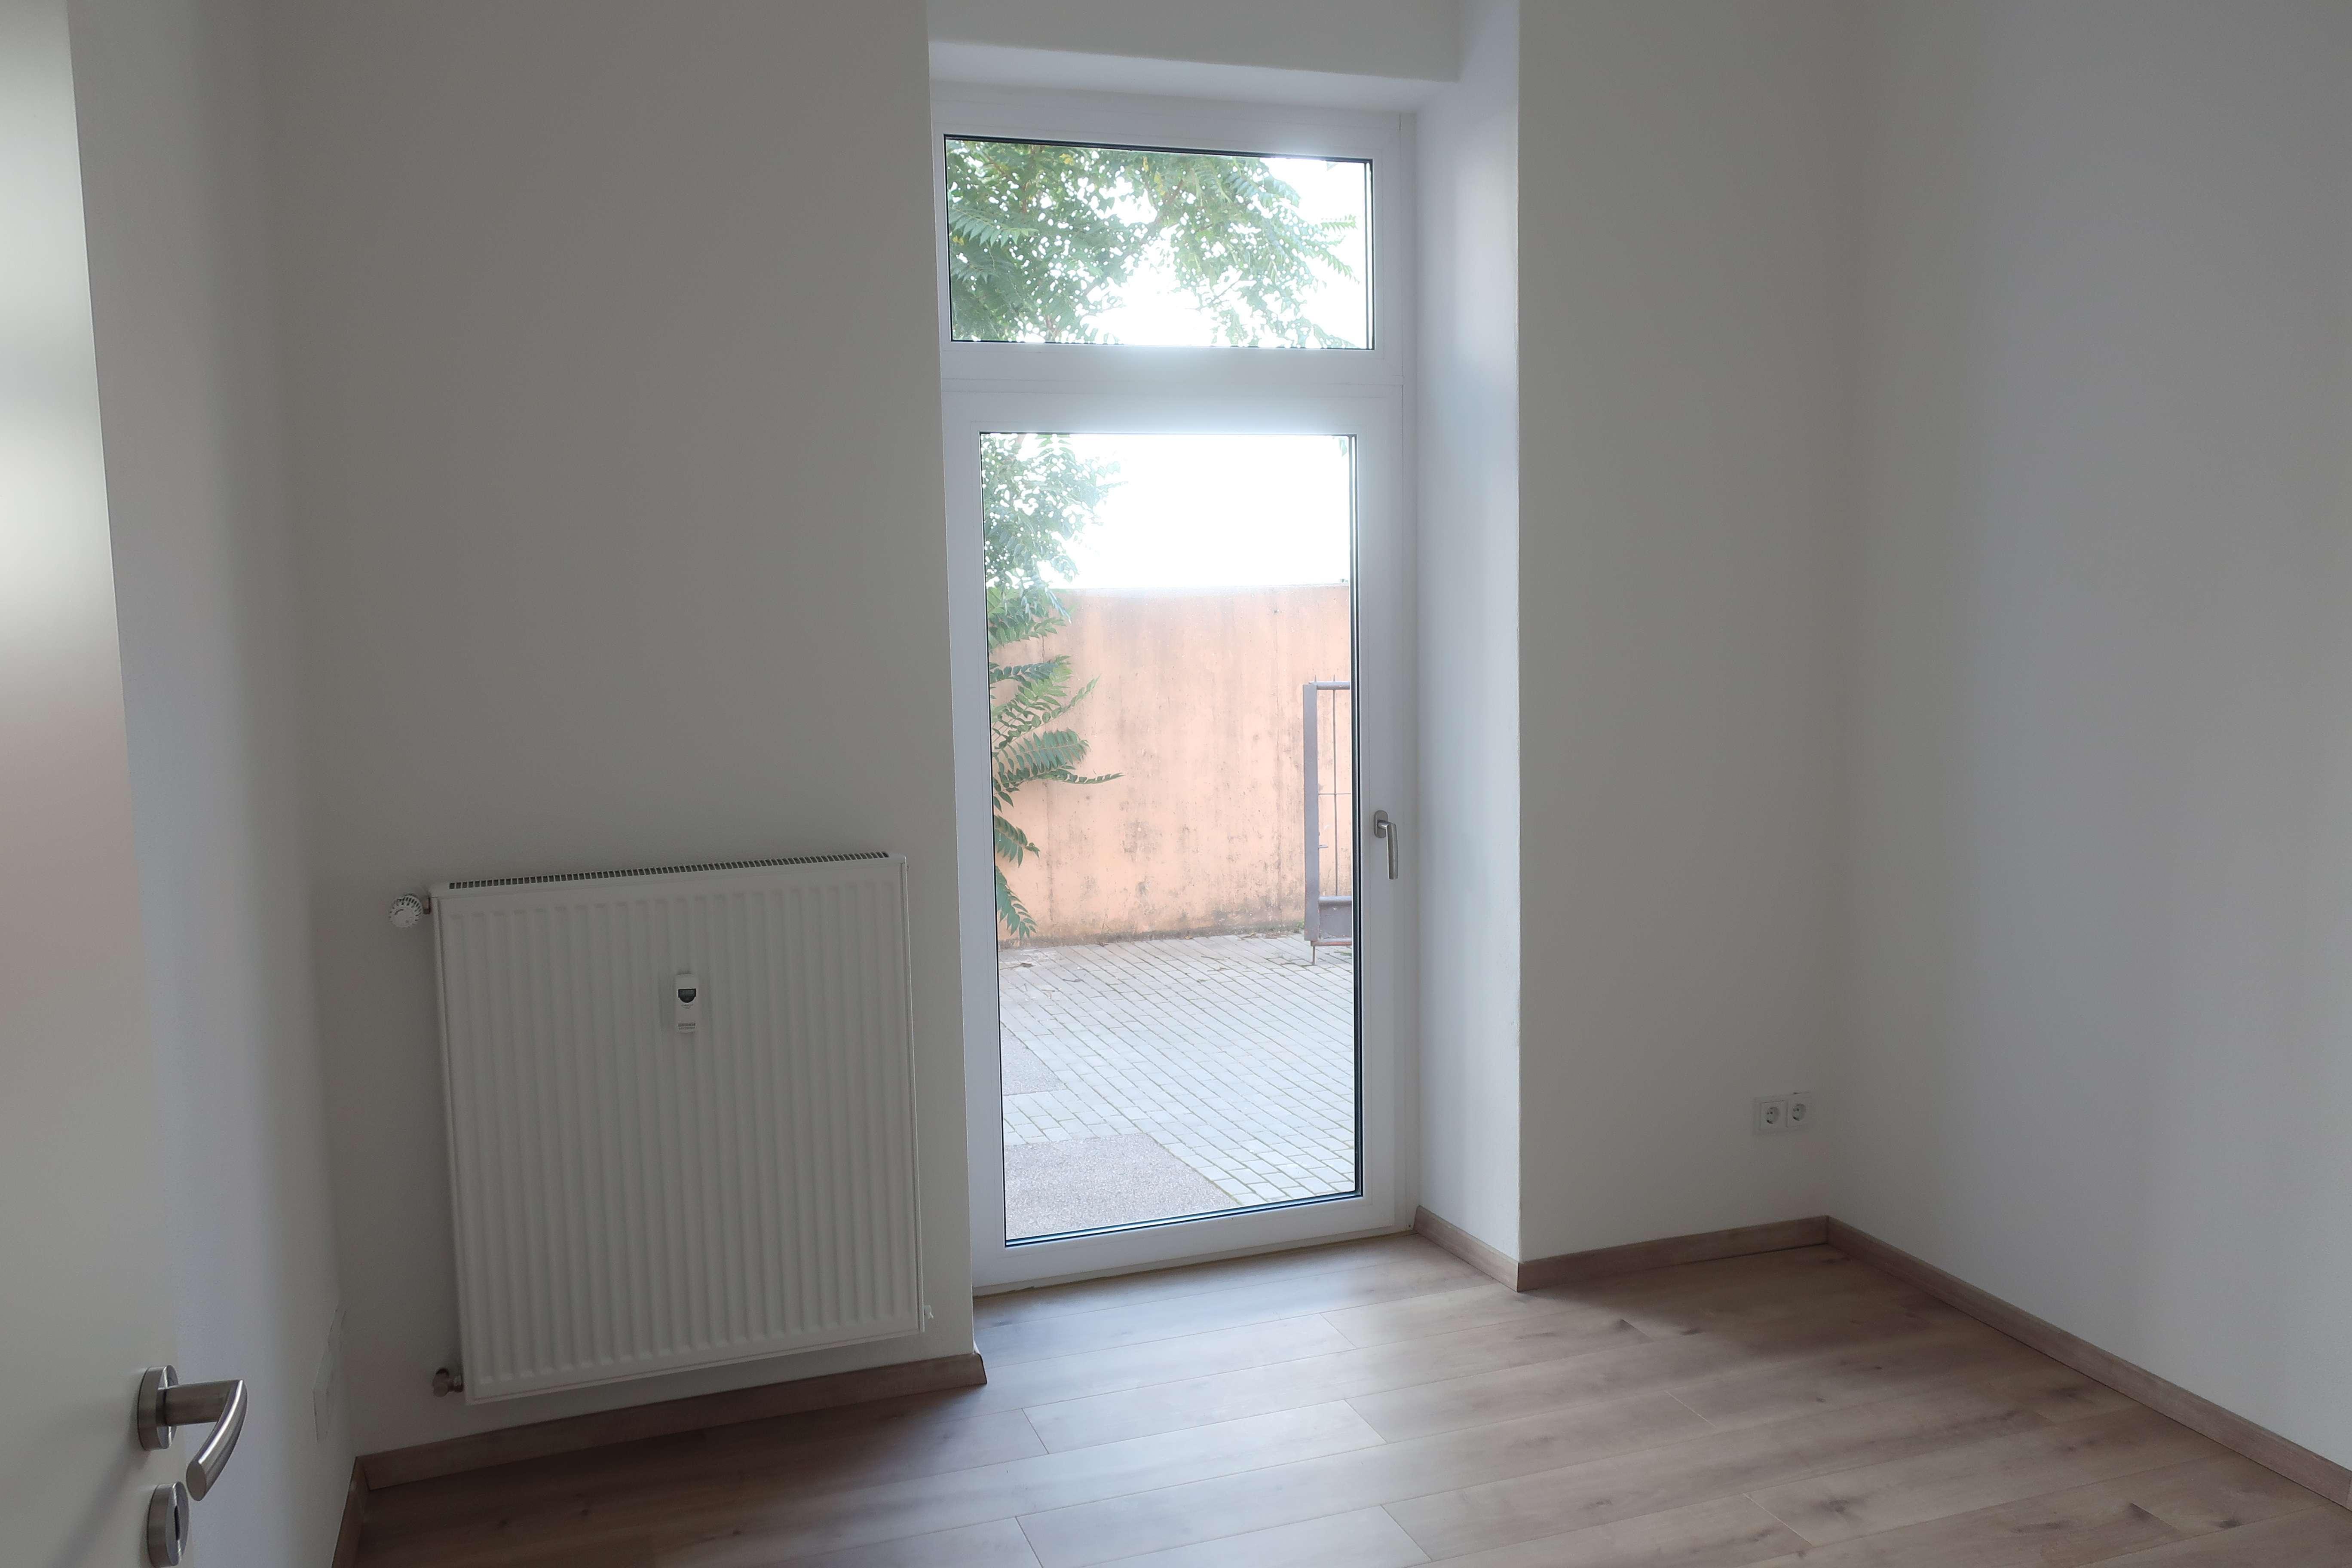 Pasing Zentrum nach Altbausanierung: Helle 1,5-Zimmer-Wohnung in saniertem Wohnhaus in Pasing (München)